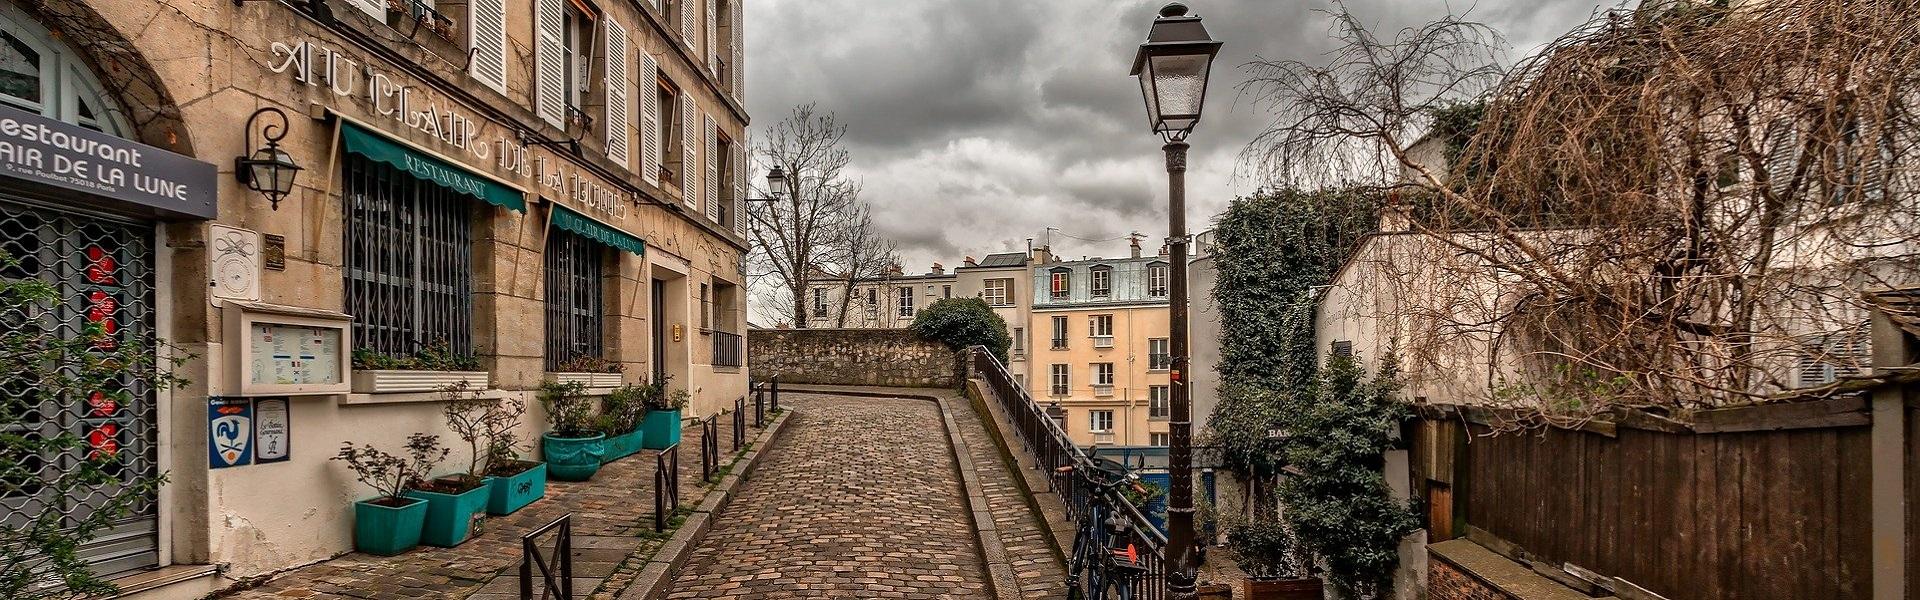 Suche nach einem Praktikum in Paris und Frankreich